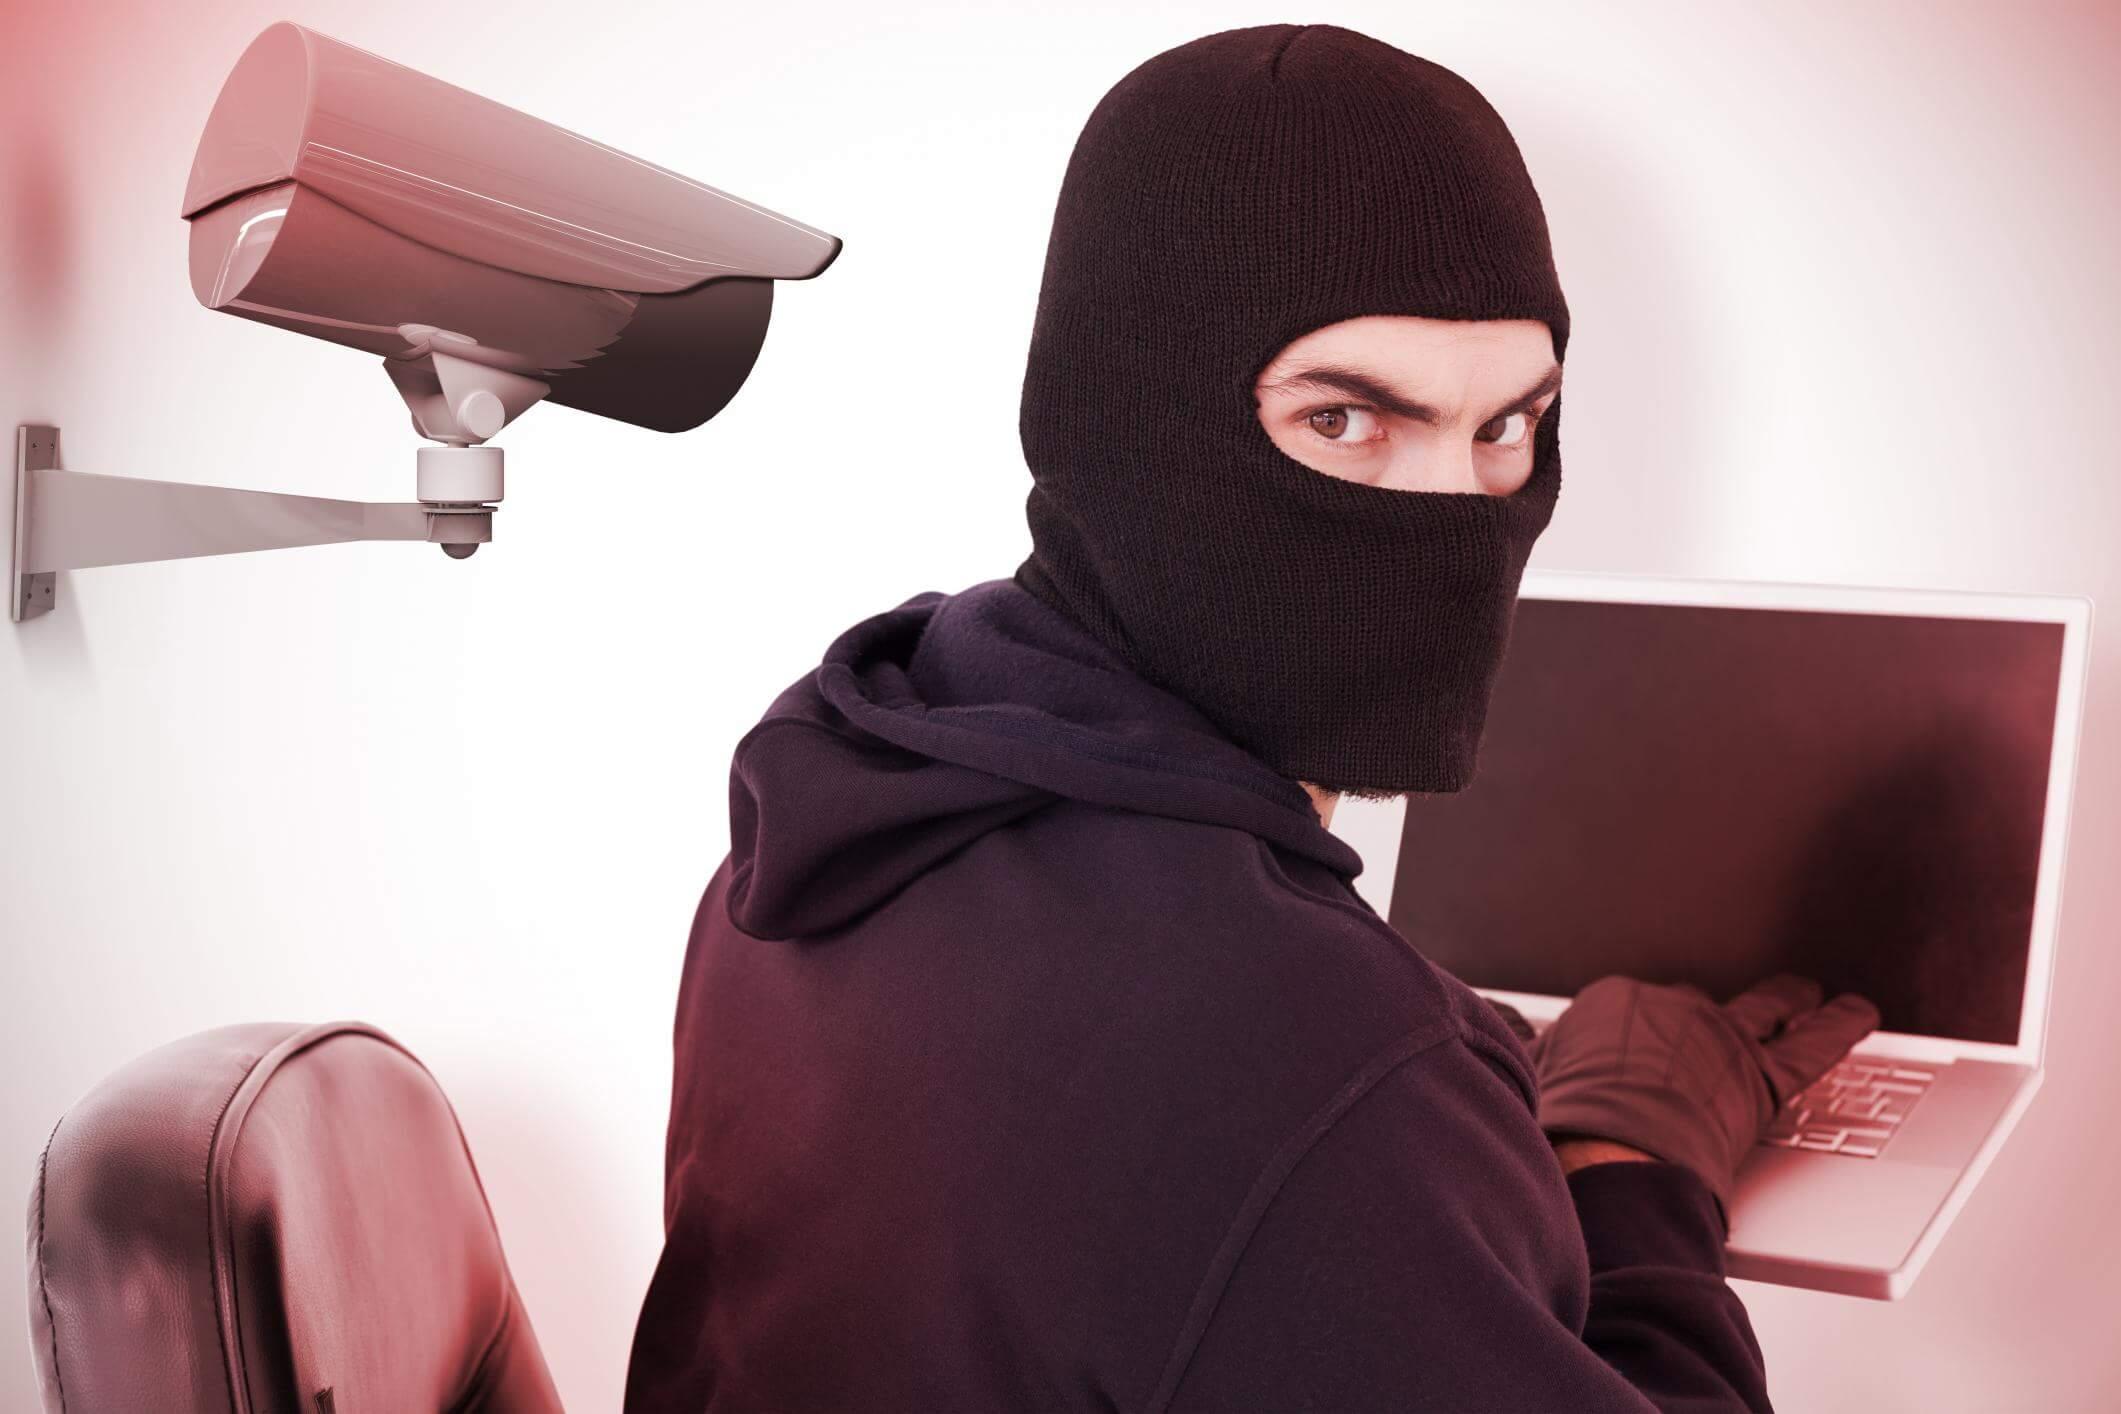 Hackear cámara de seguridad